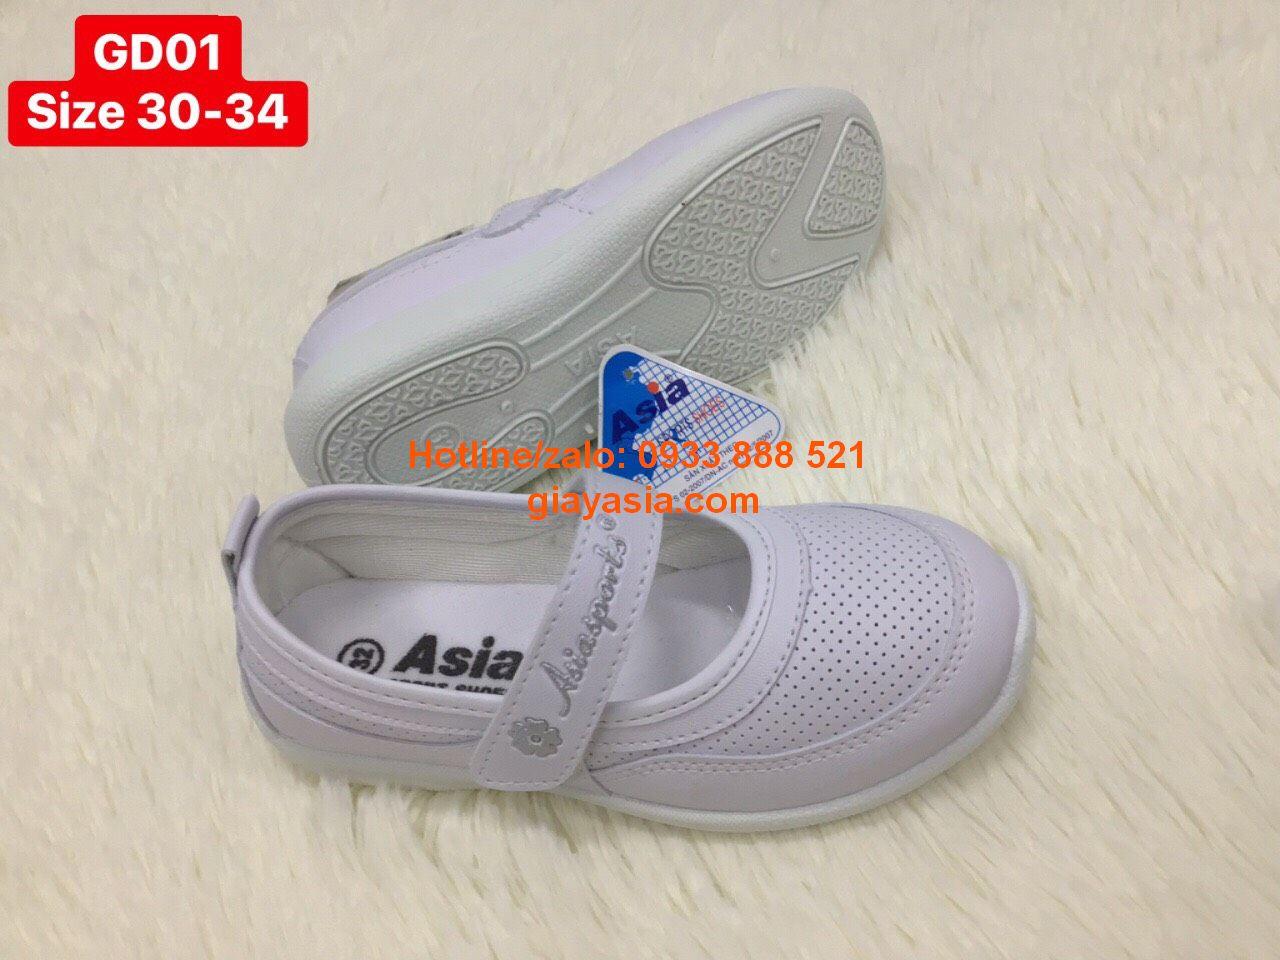 Giày asia thời trang nhí quai dán